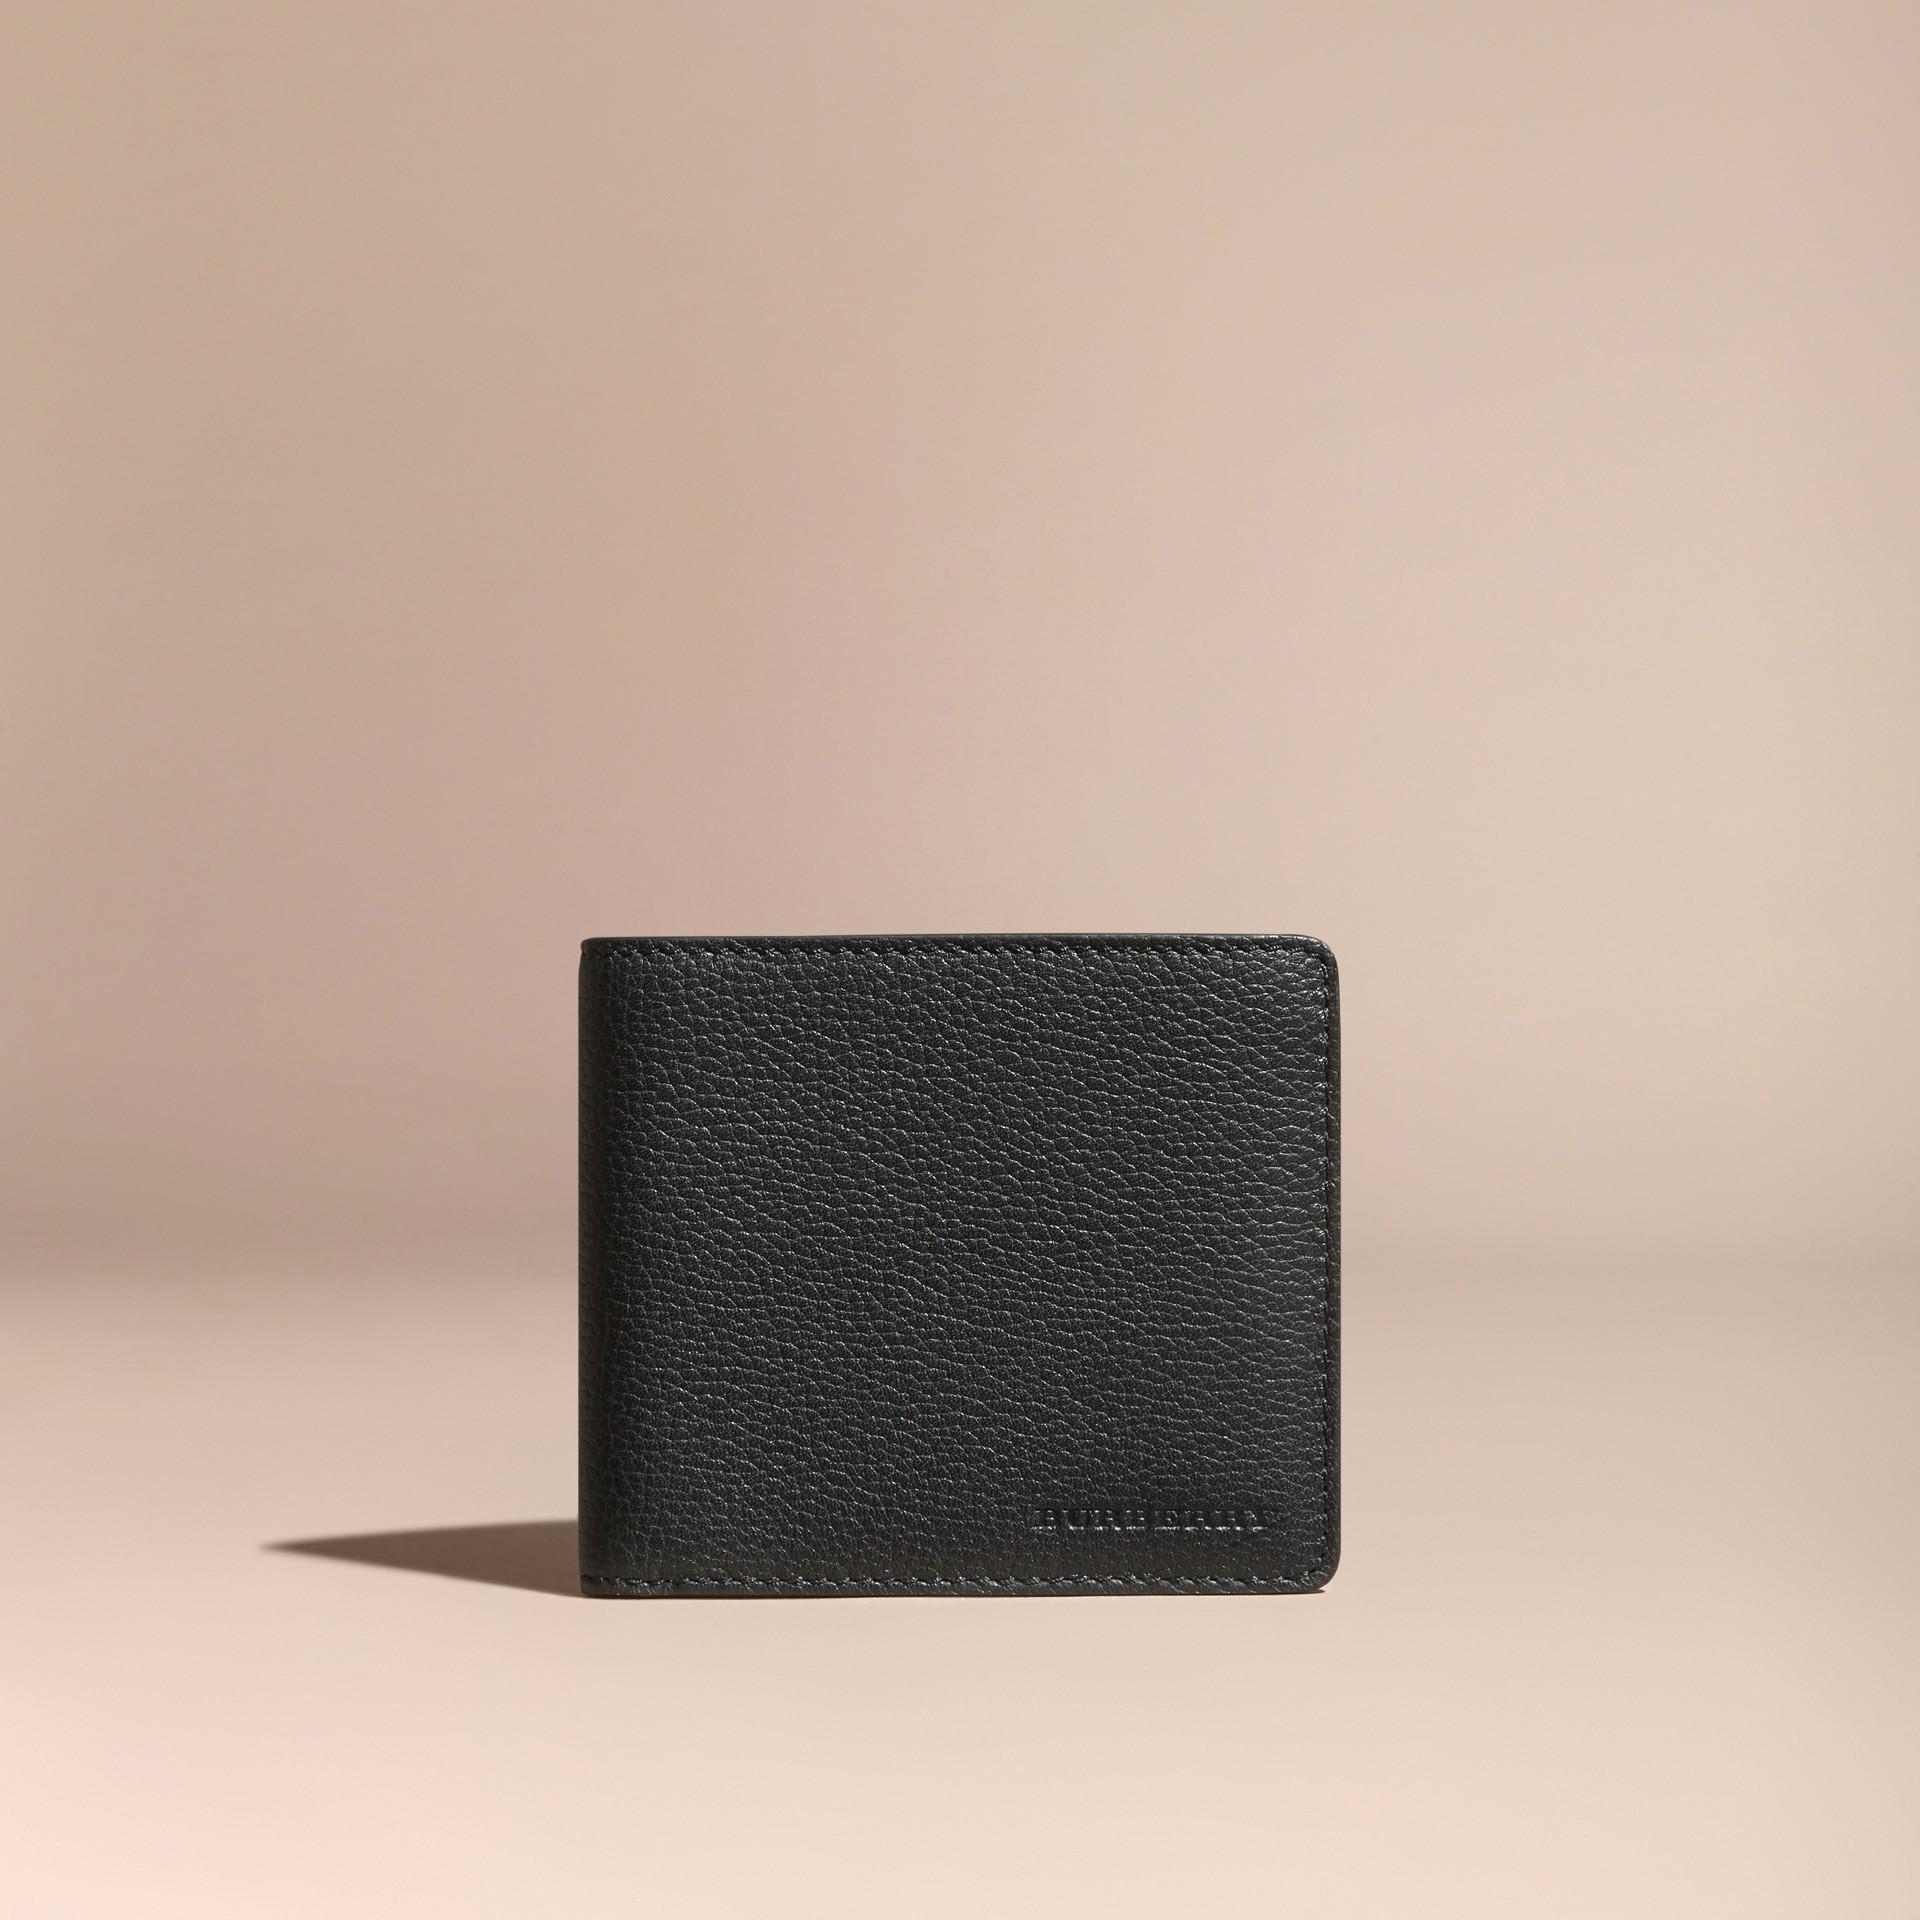 Черный Складной бумажник из кожи Черный - изображение 6